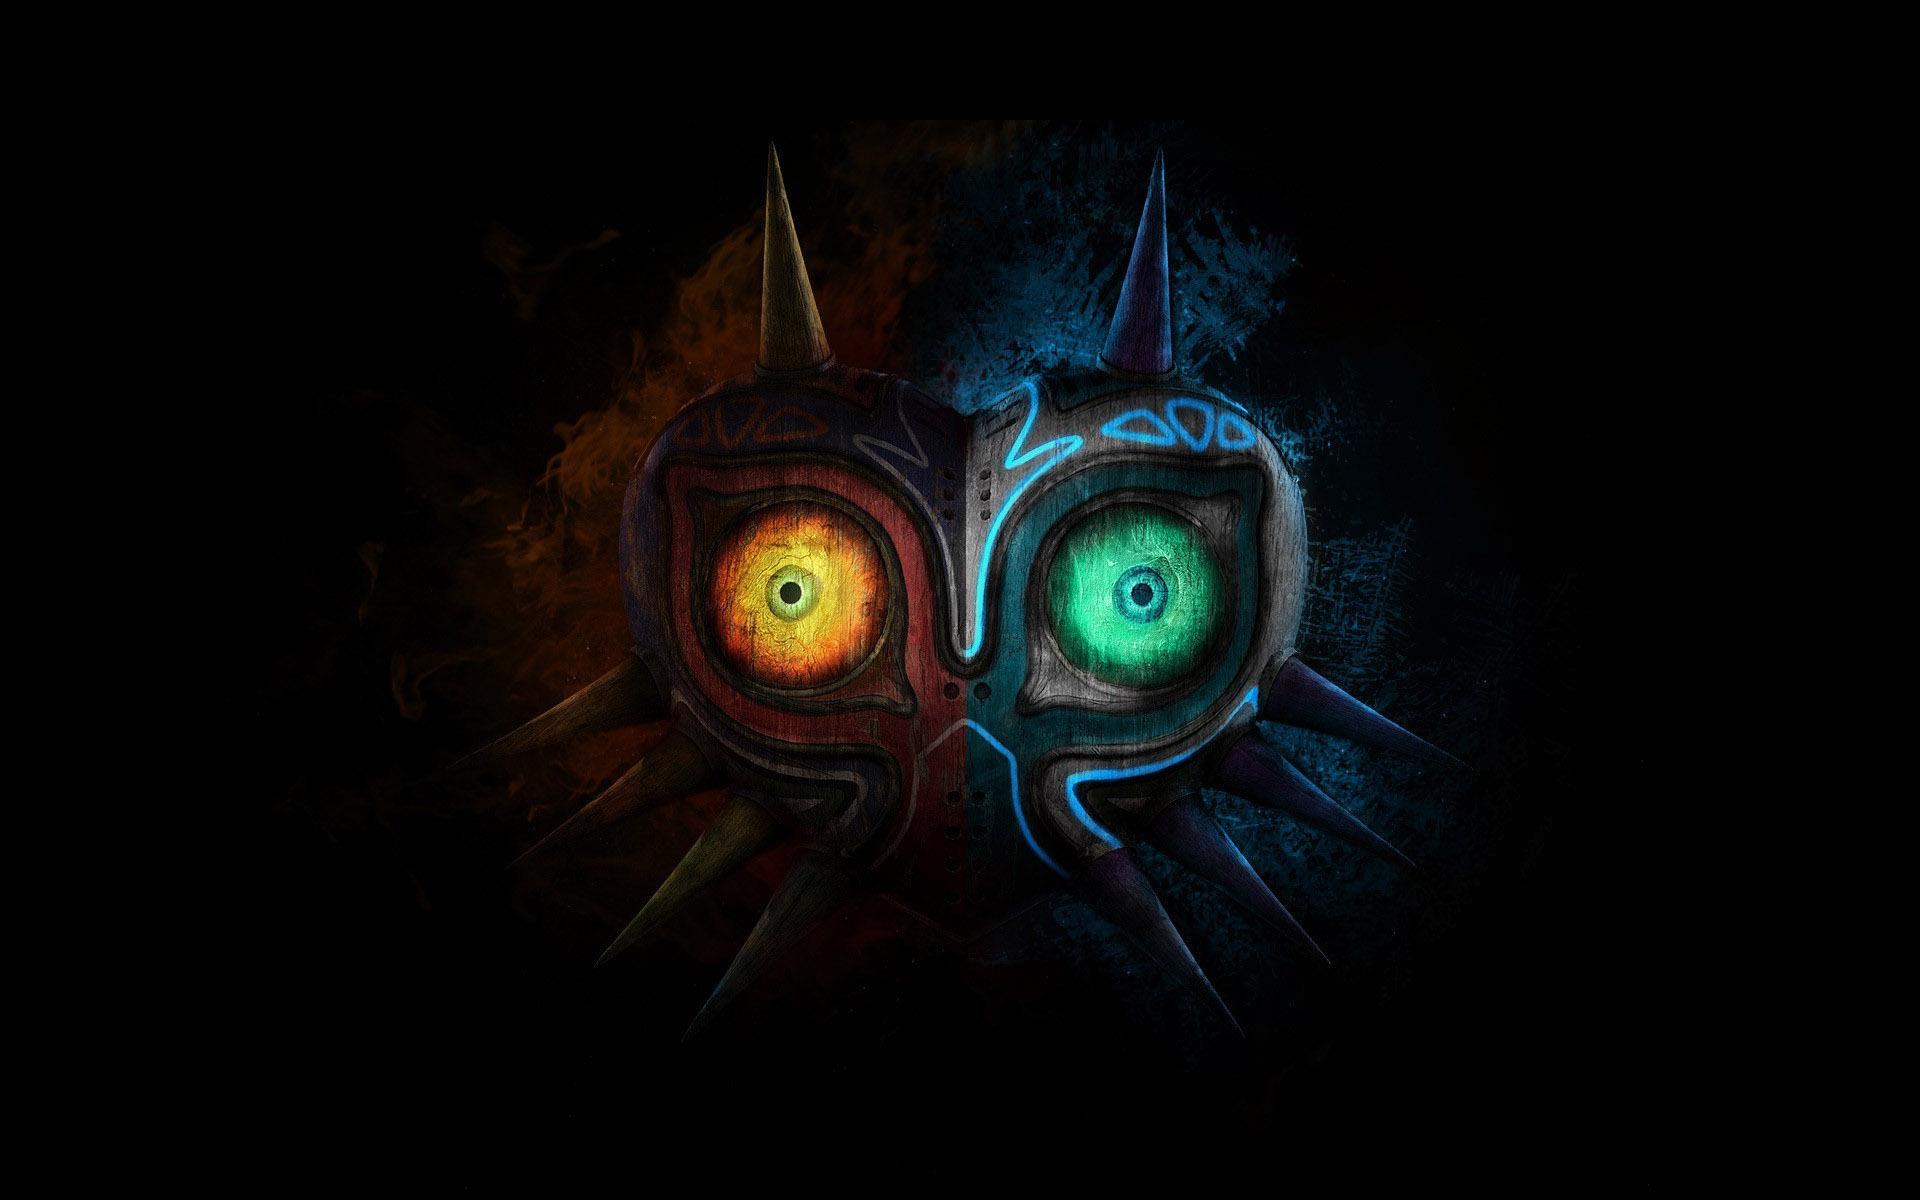 Cute Birds Wallpapers For Desktop The Legend Of Zelda Majora Mask Hd Games 4k Wallpapers